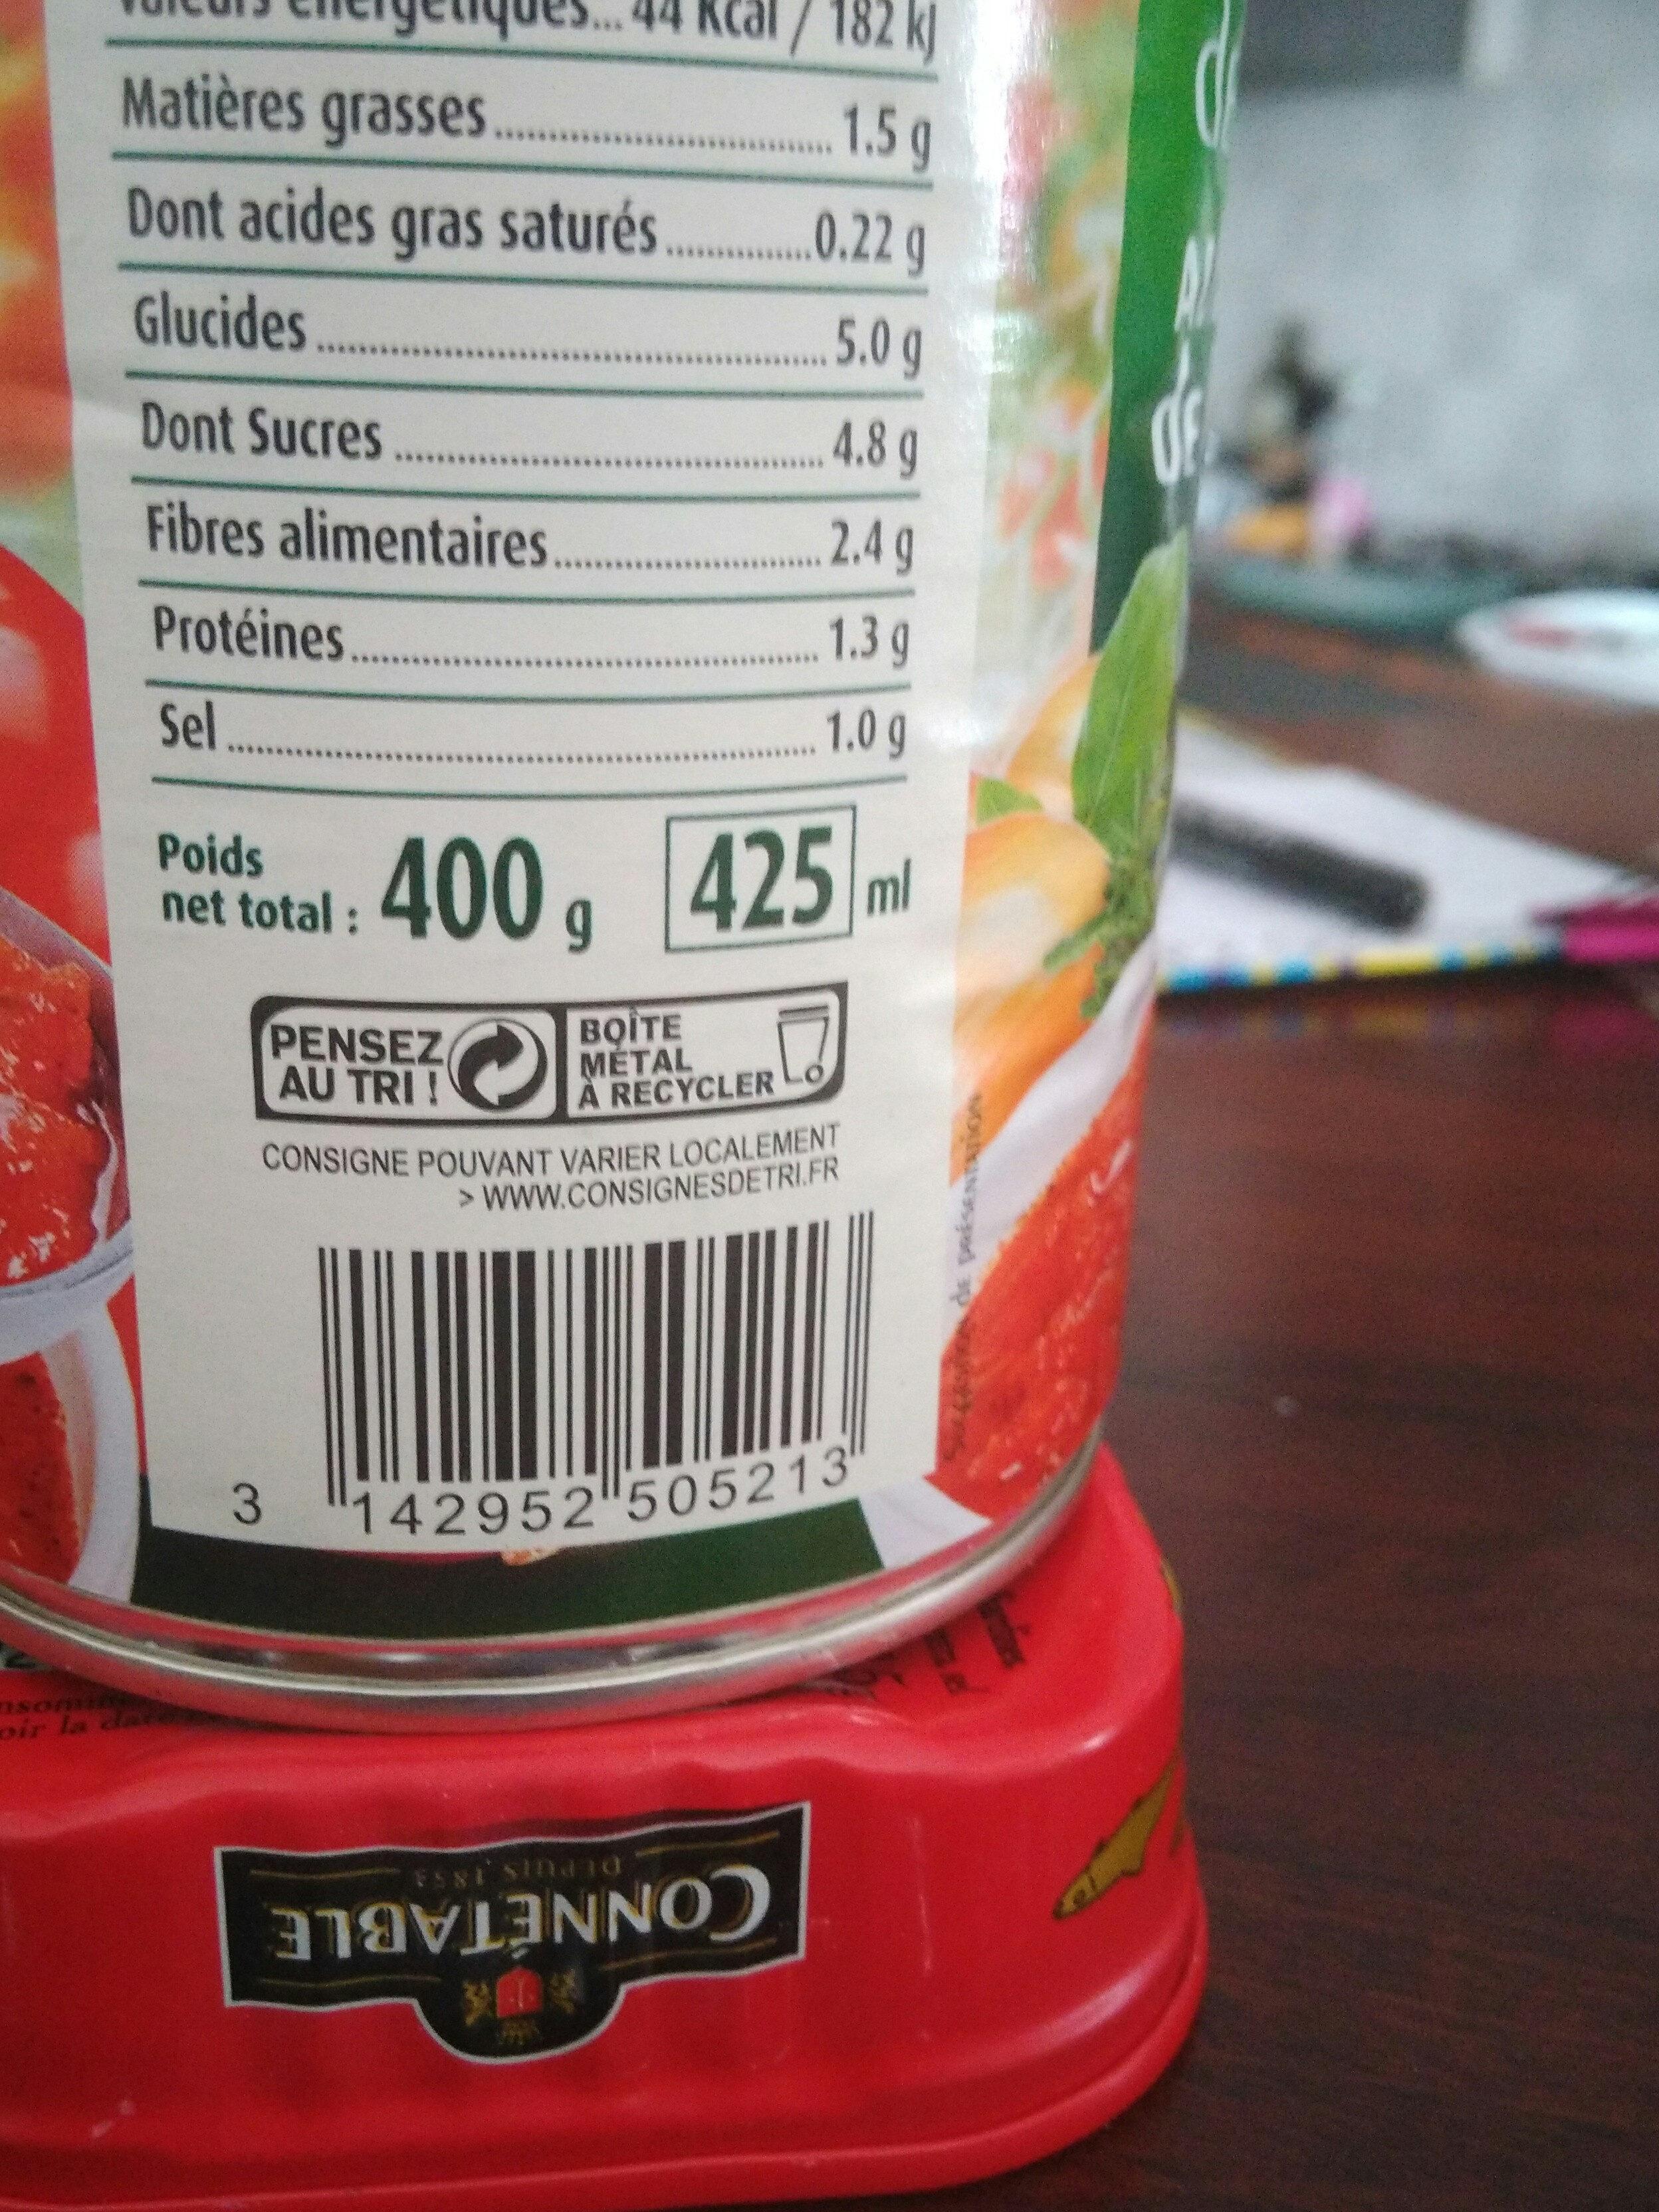 Chair de Tomate Aux Herbes - Informations nutritionnelles - fr